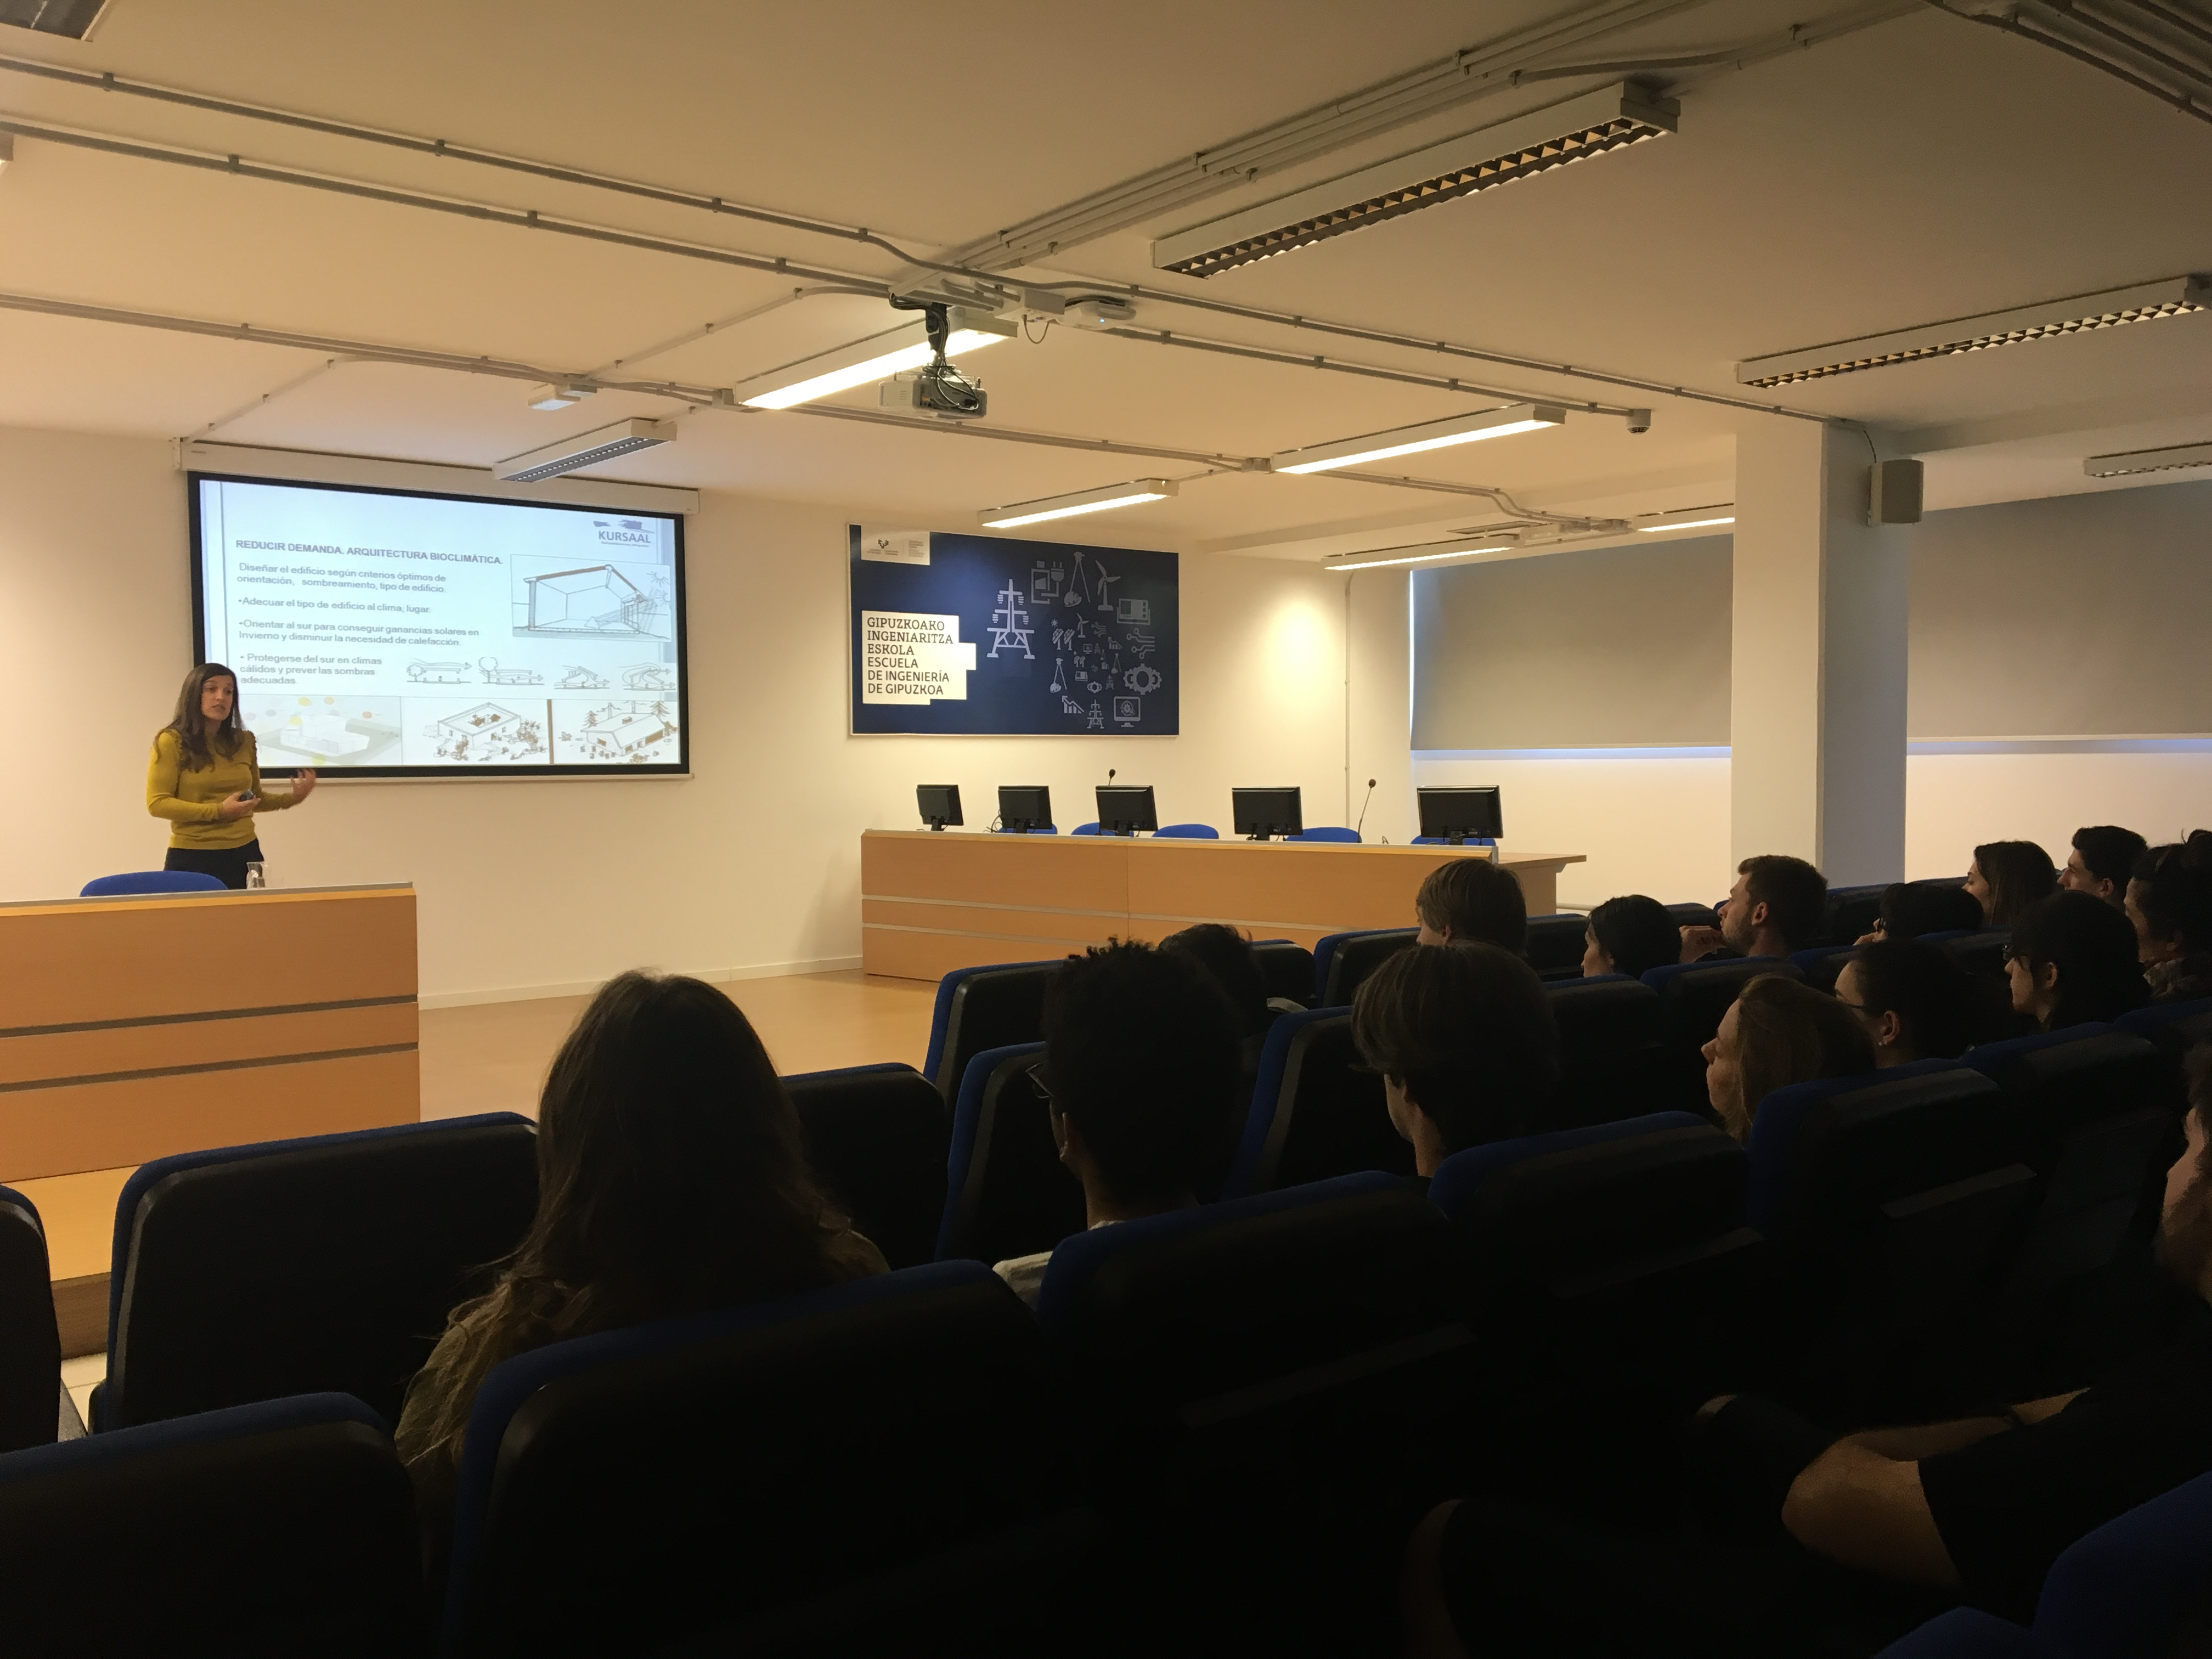 foto noticia: Kursaal Green hemos impartido una charla en la Escuela Politécnica de Donostia-San Sebastián